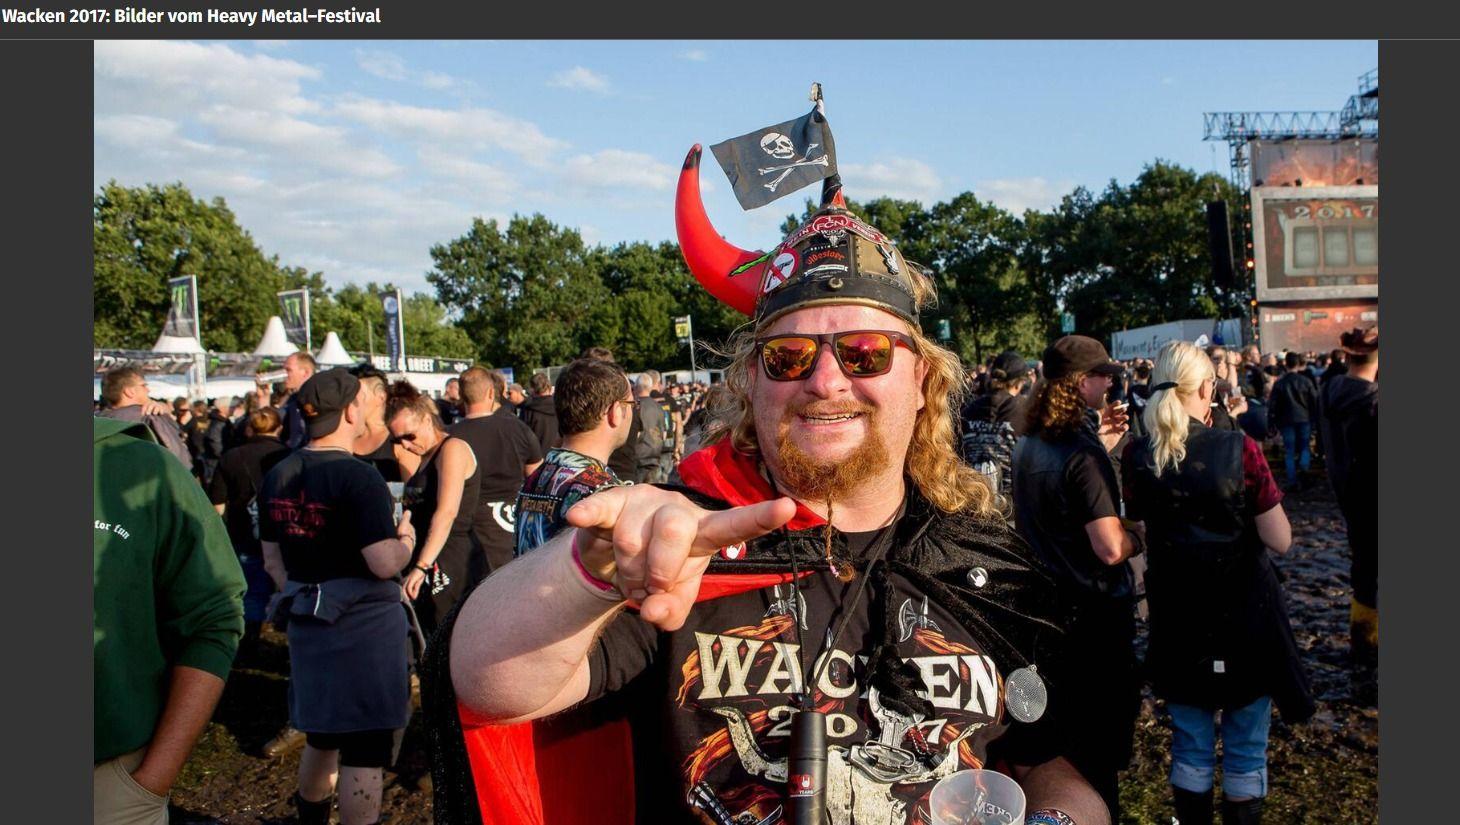 Wacken 2017 Bilder vom Heavy Metal–Festival(2)